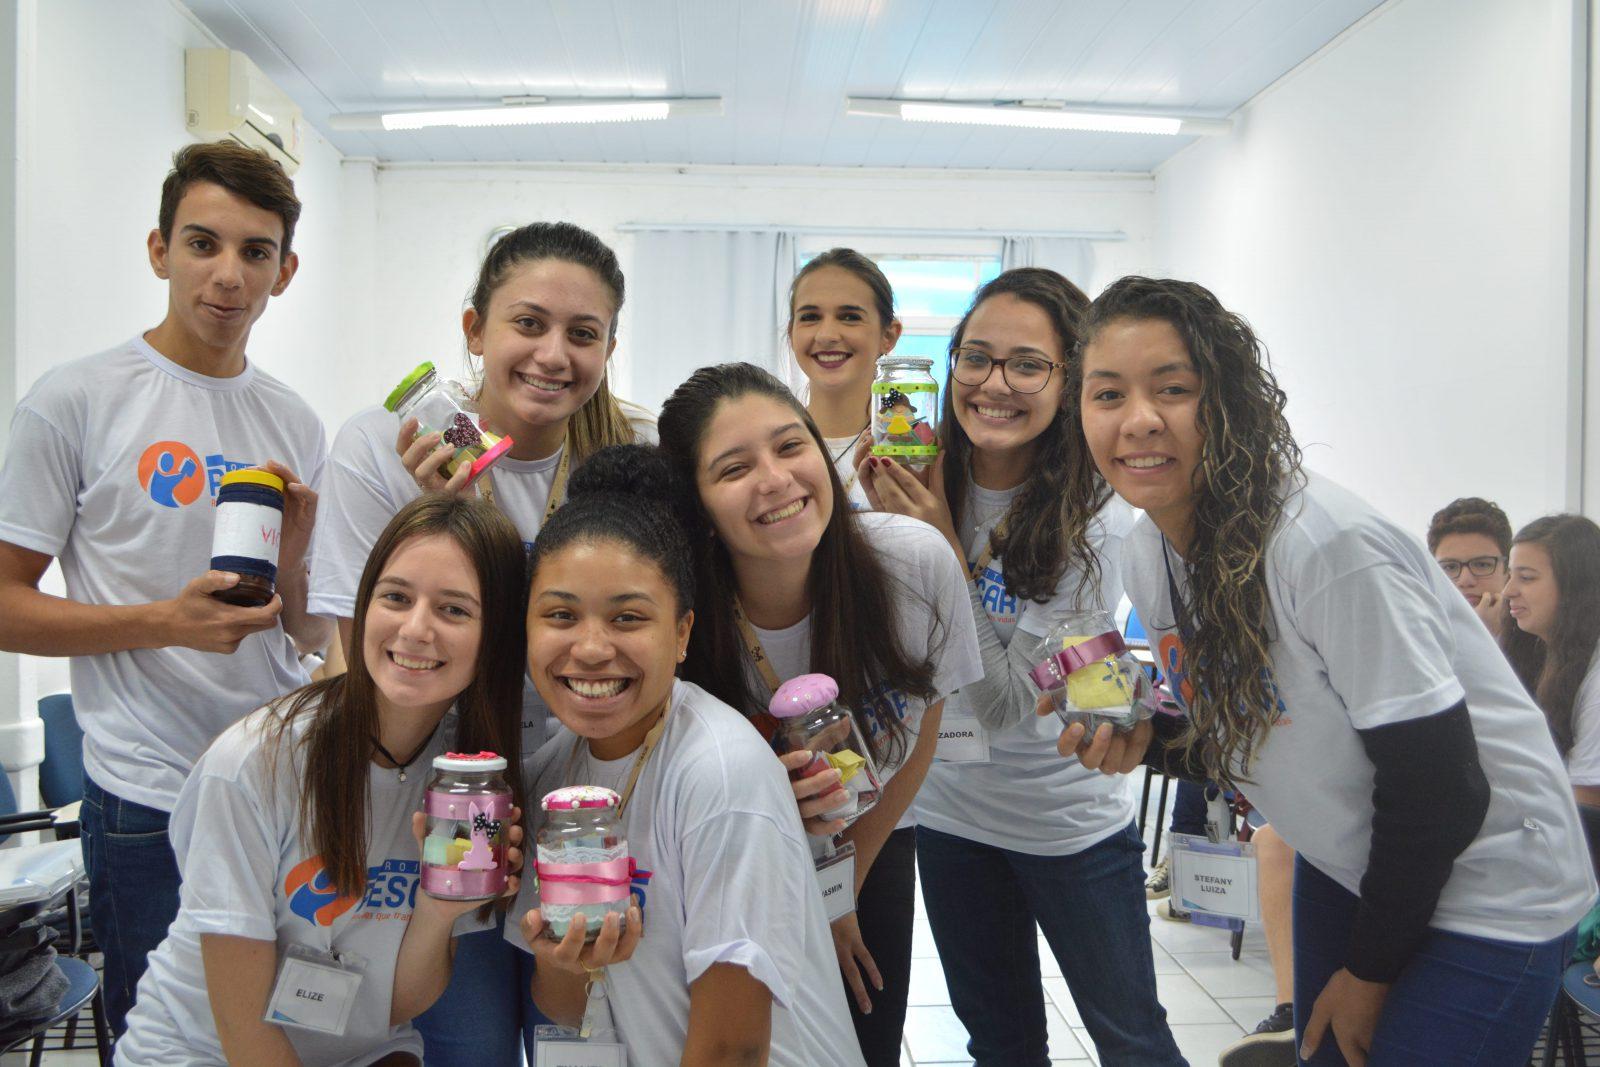 Unidade Projeto Pescar Aemflo e CDL São José - Jovens exercitam a gratidão